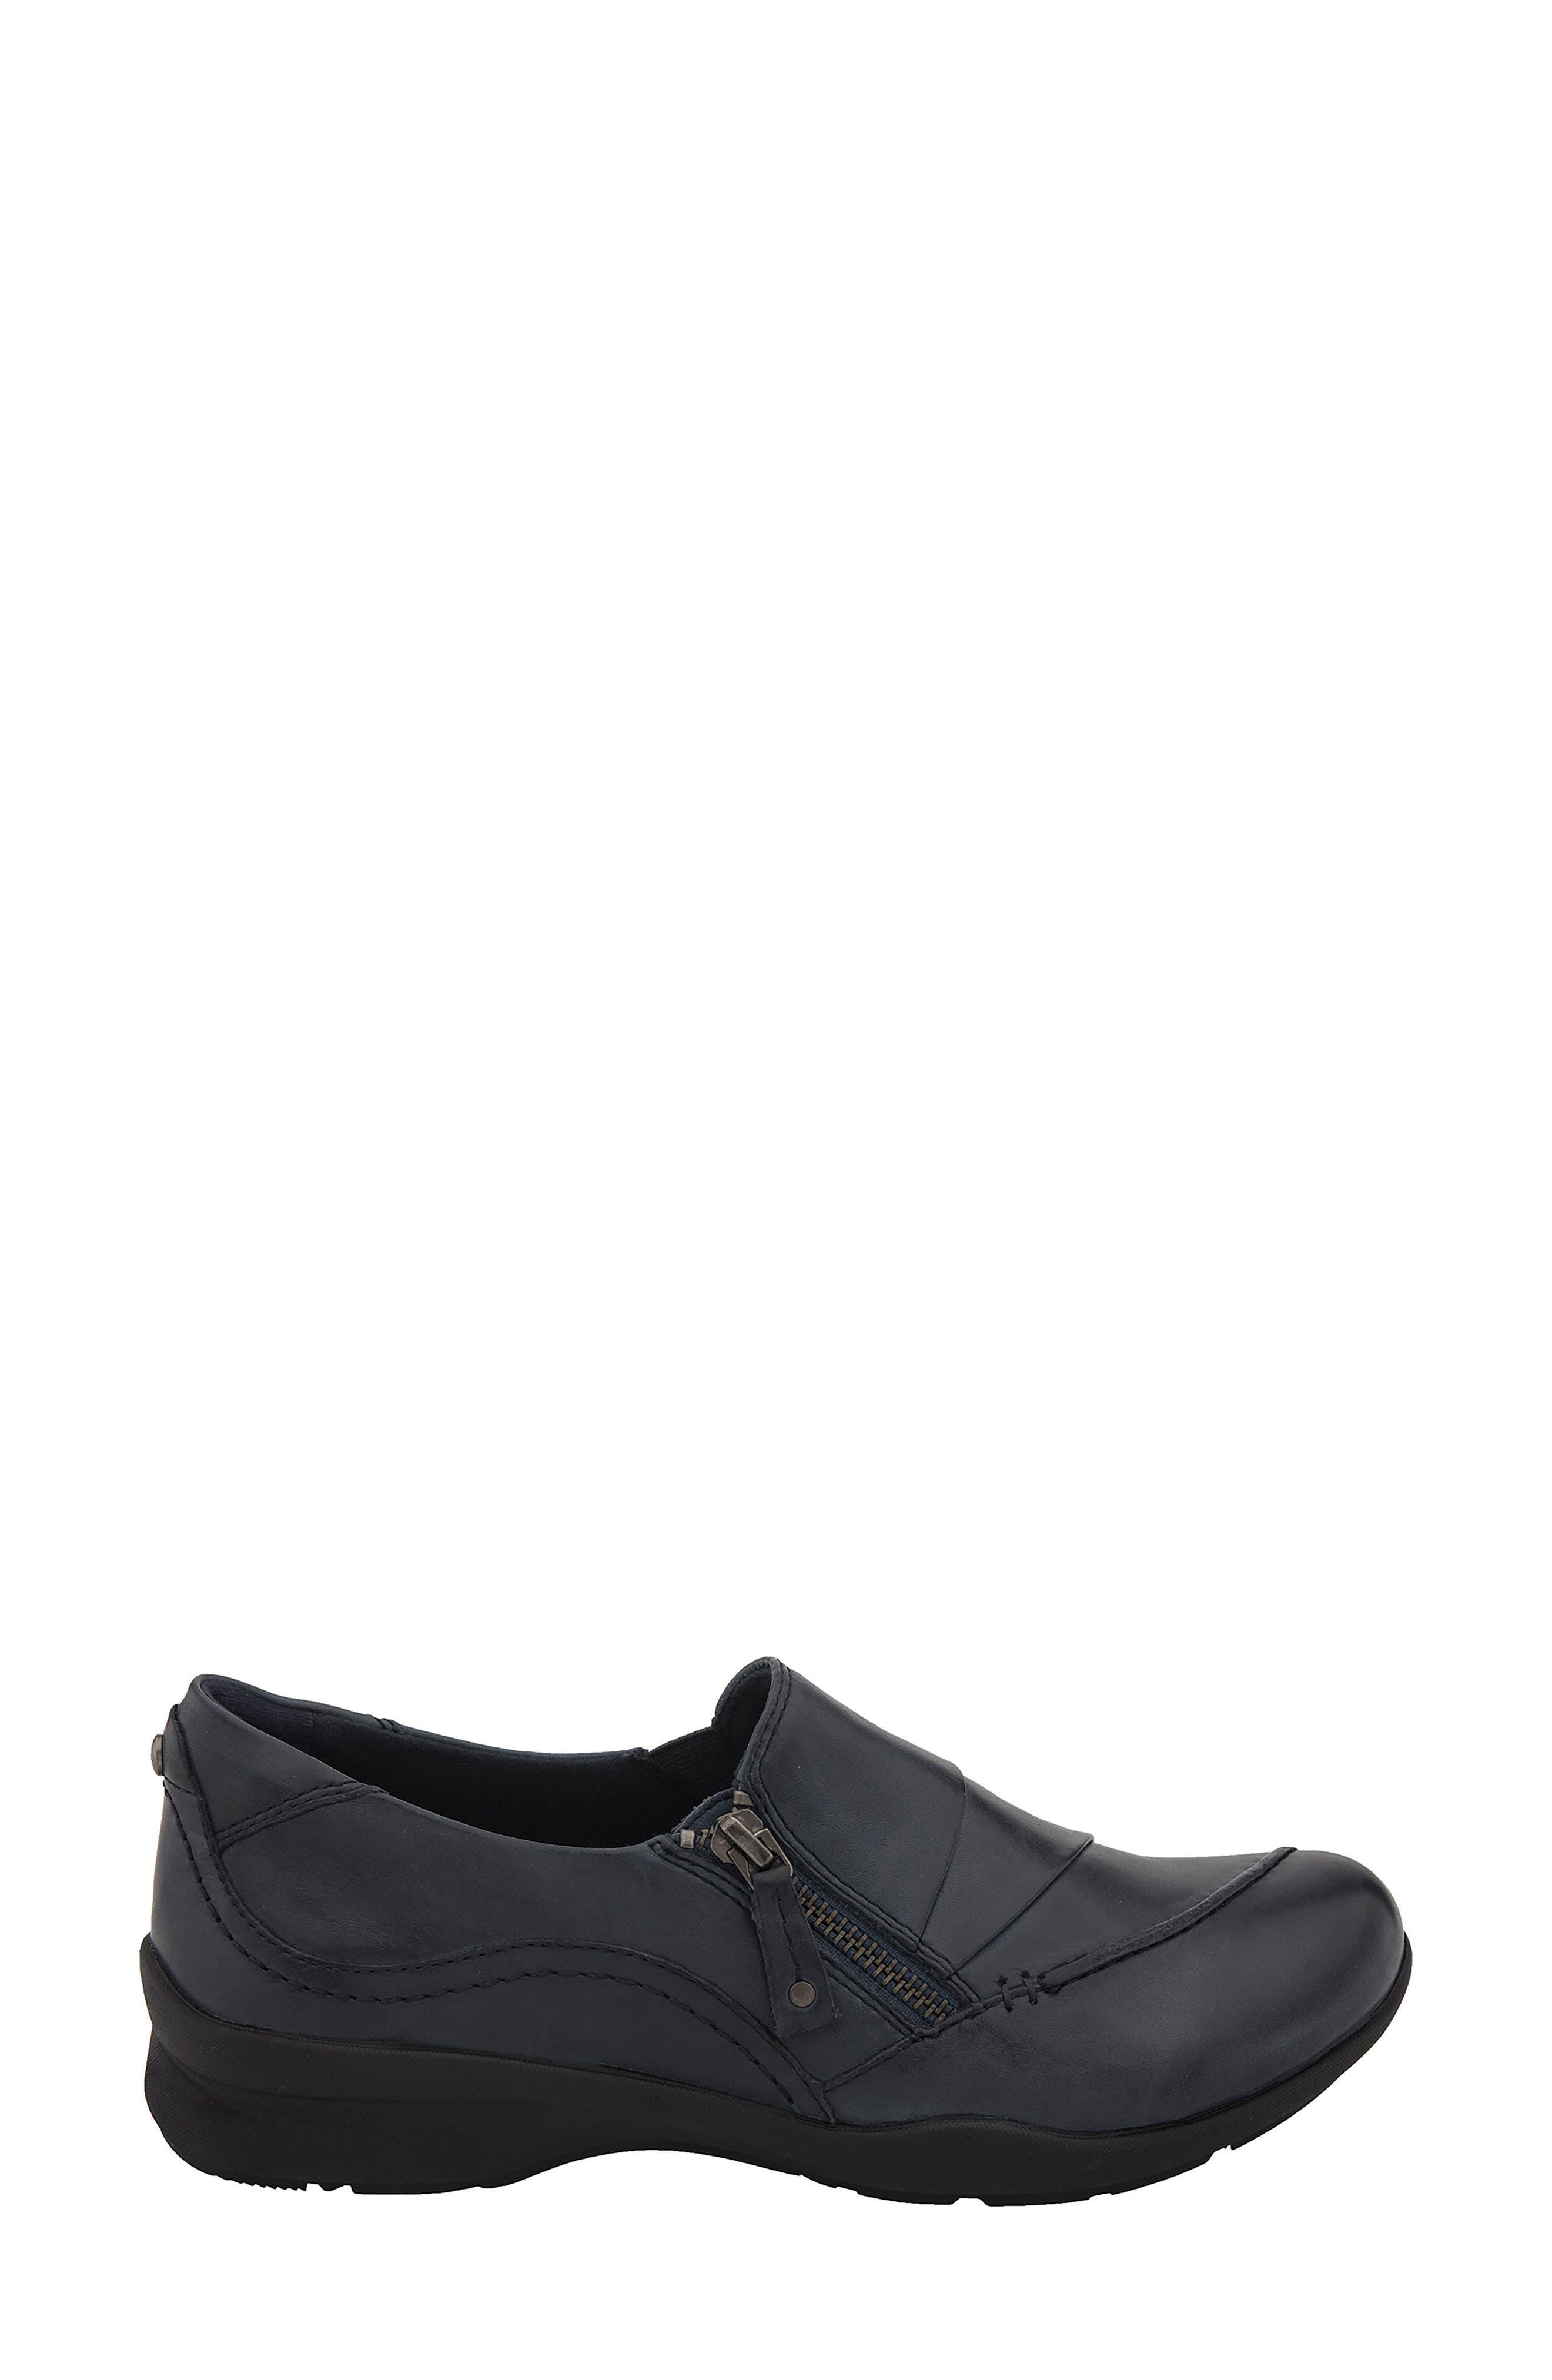 'Anise' Slip-On Sneaker,                             Alternate thumbnail 3, color,                             422